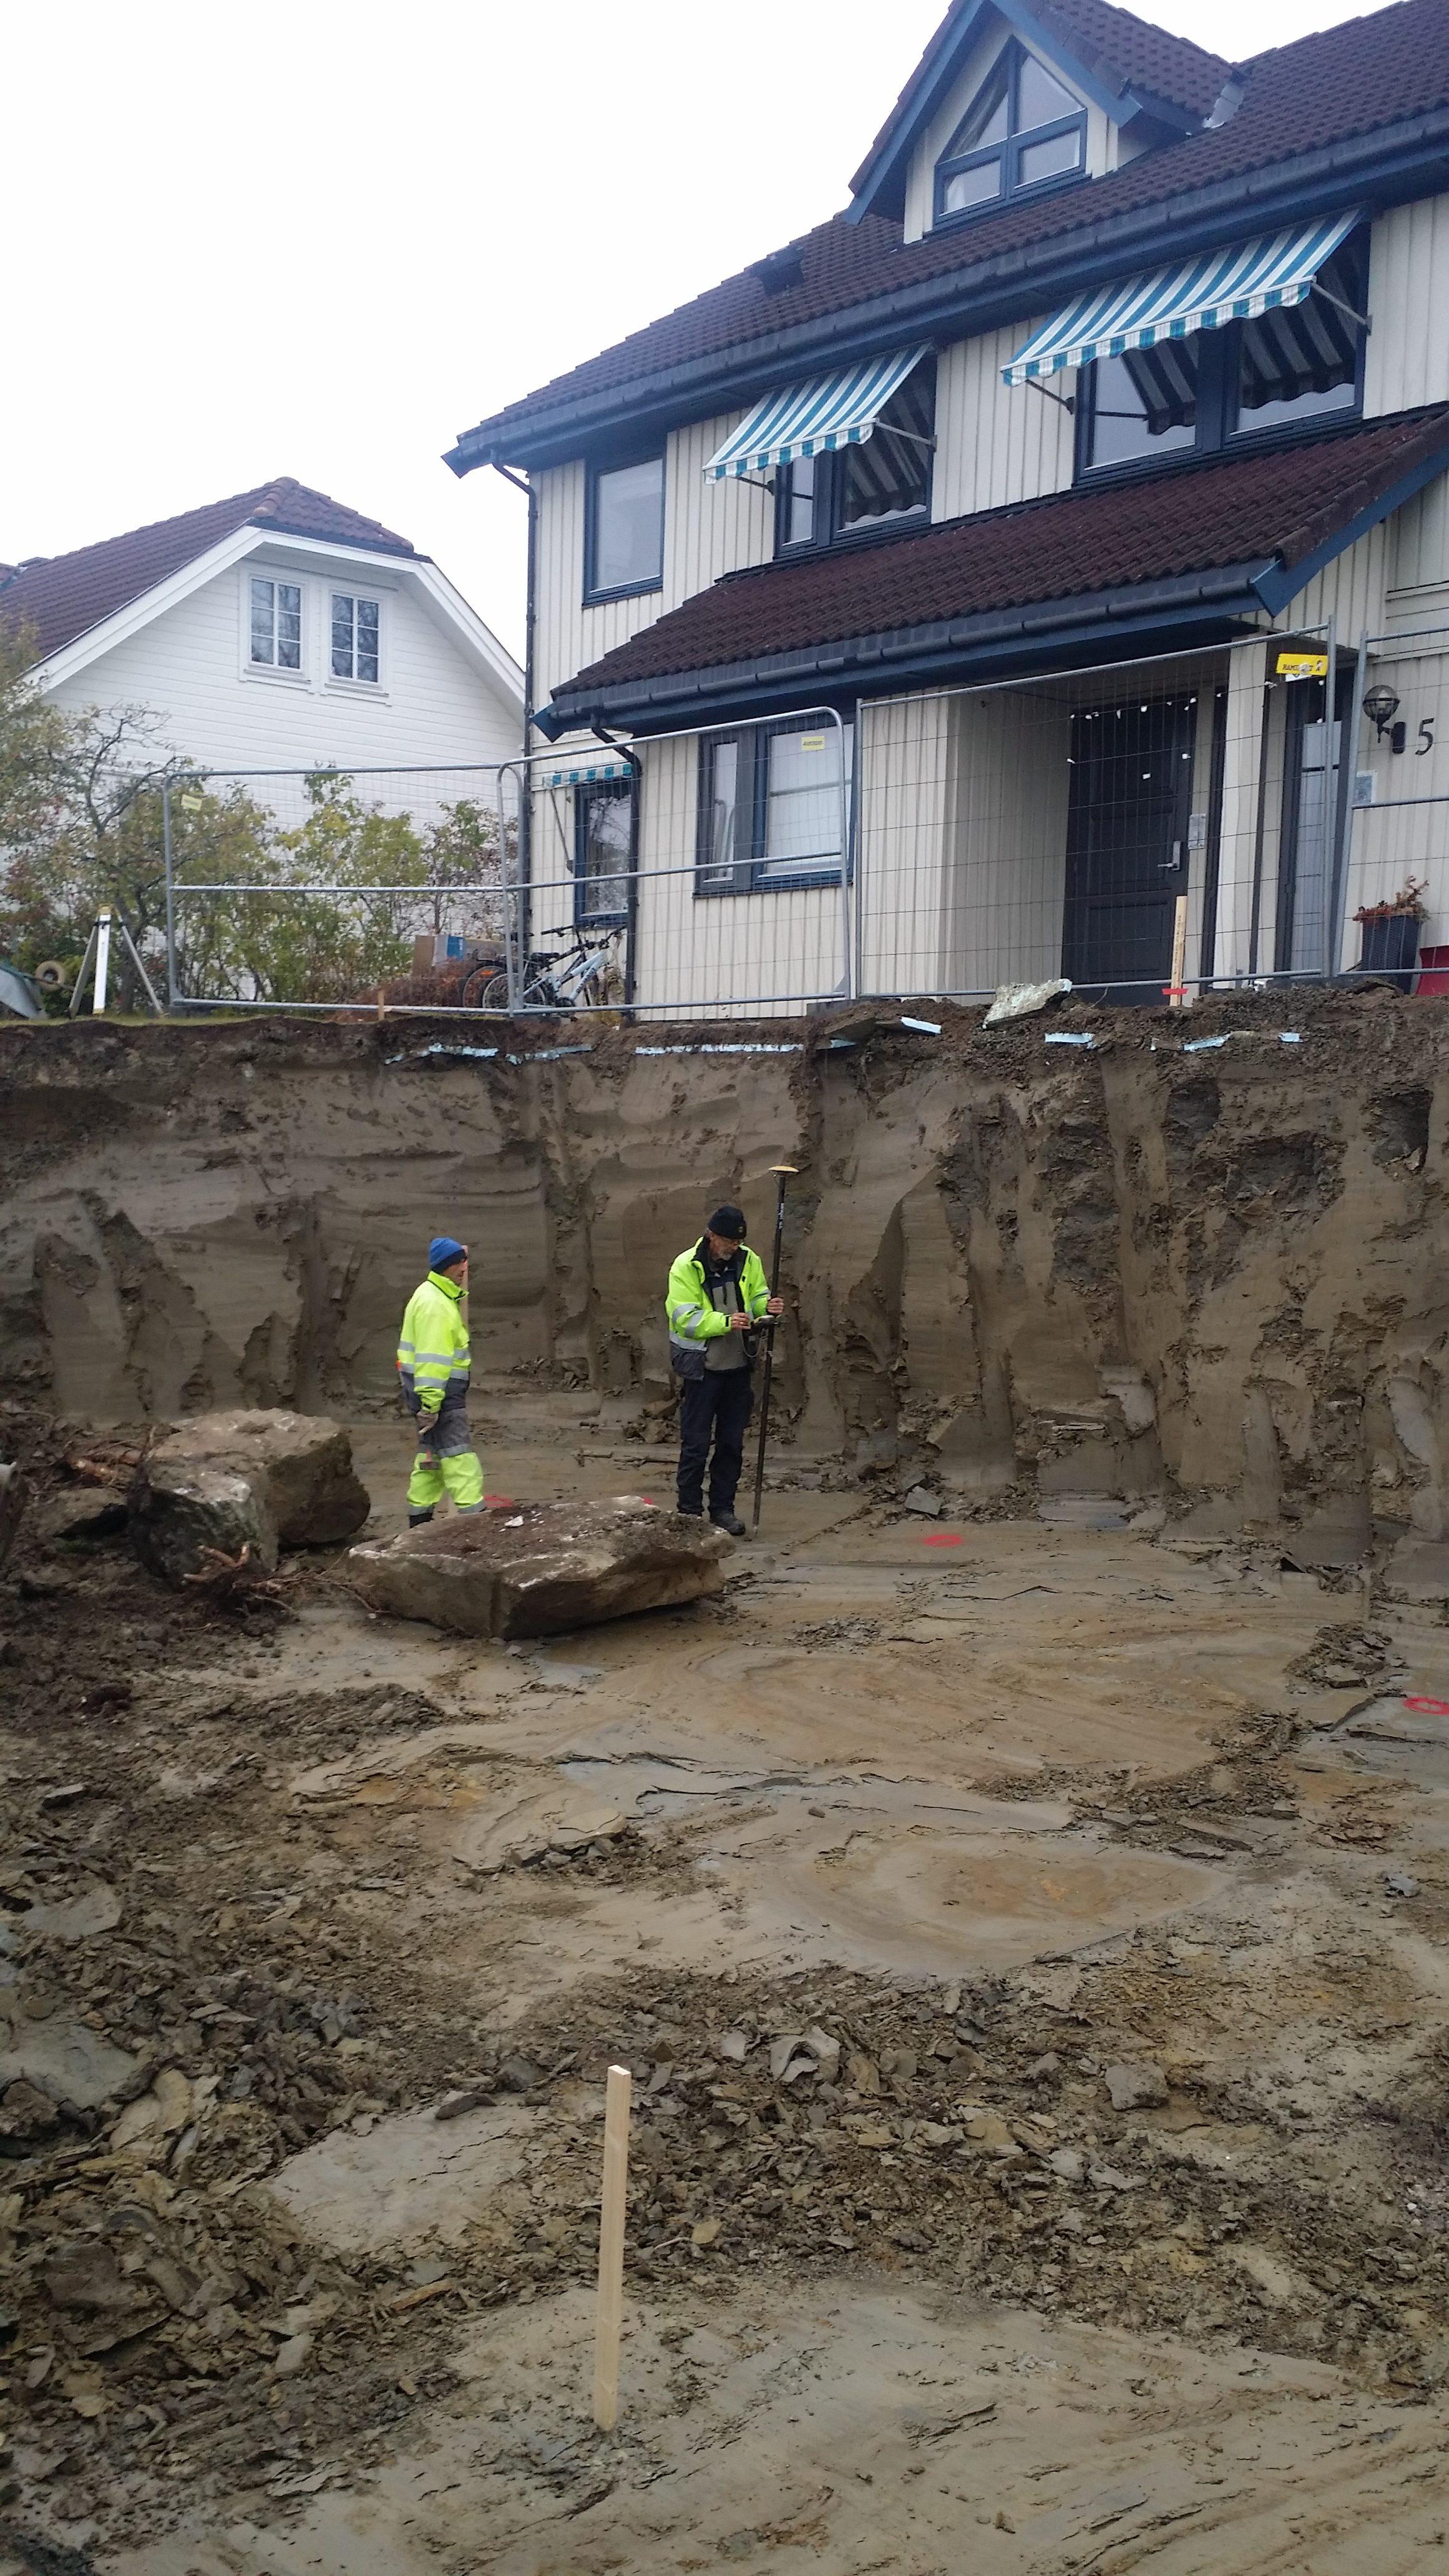 Oppmåling etter utgraving